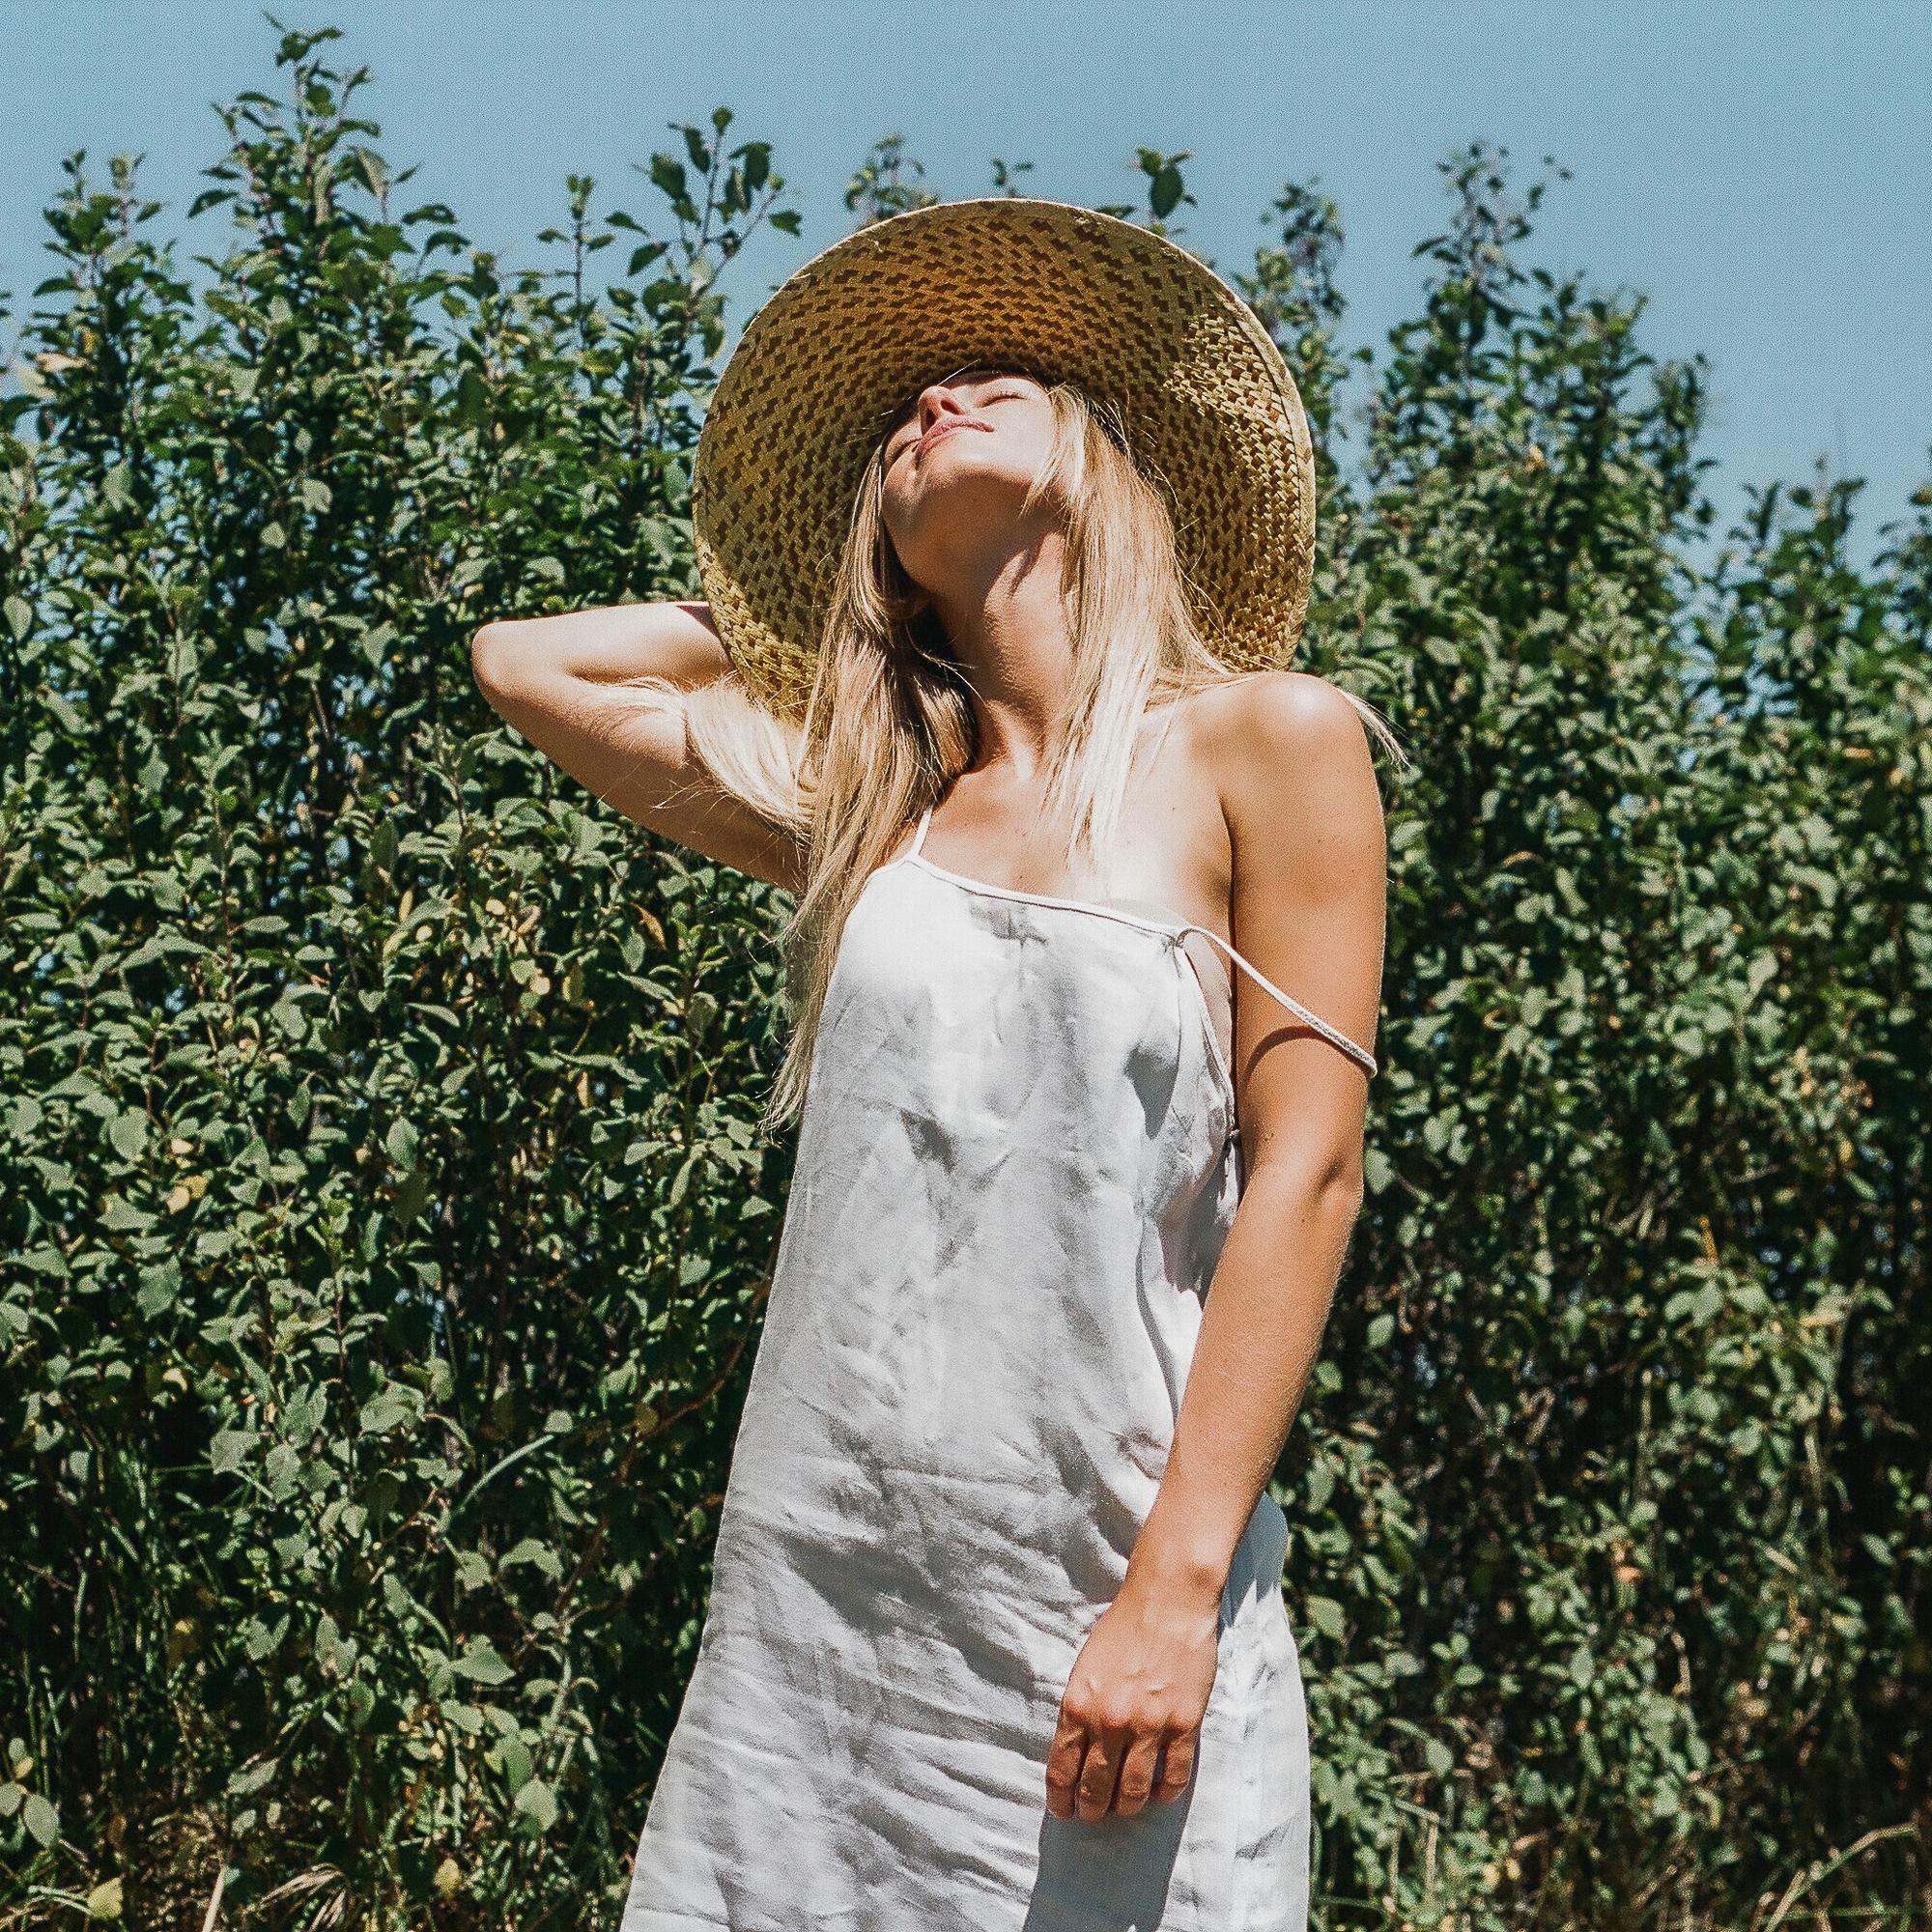 Modella bionda con vestito azzurro a spalline sottili e cappello di paglia di fronte ad alcuni alberi, fotografia di moda, analogica